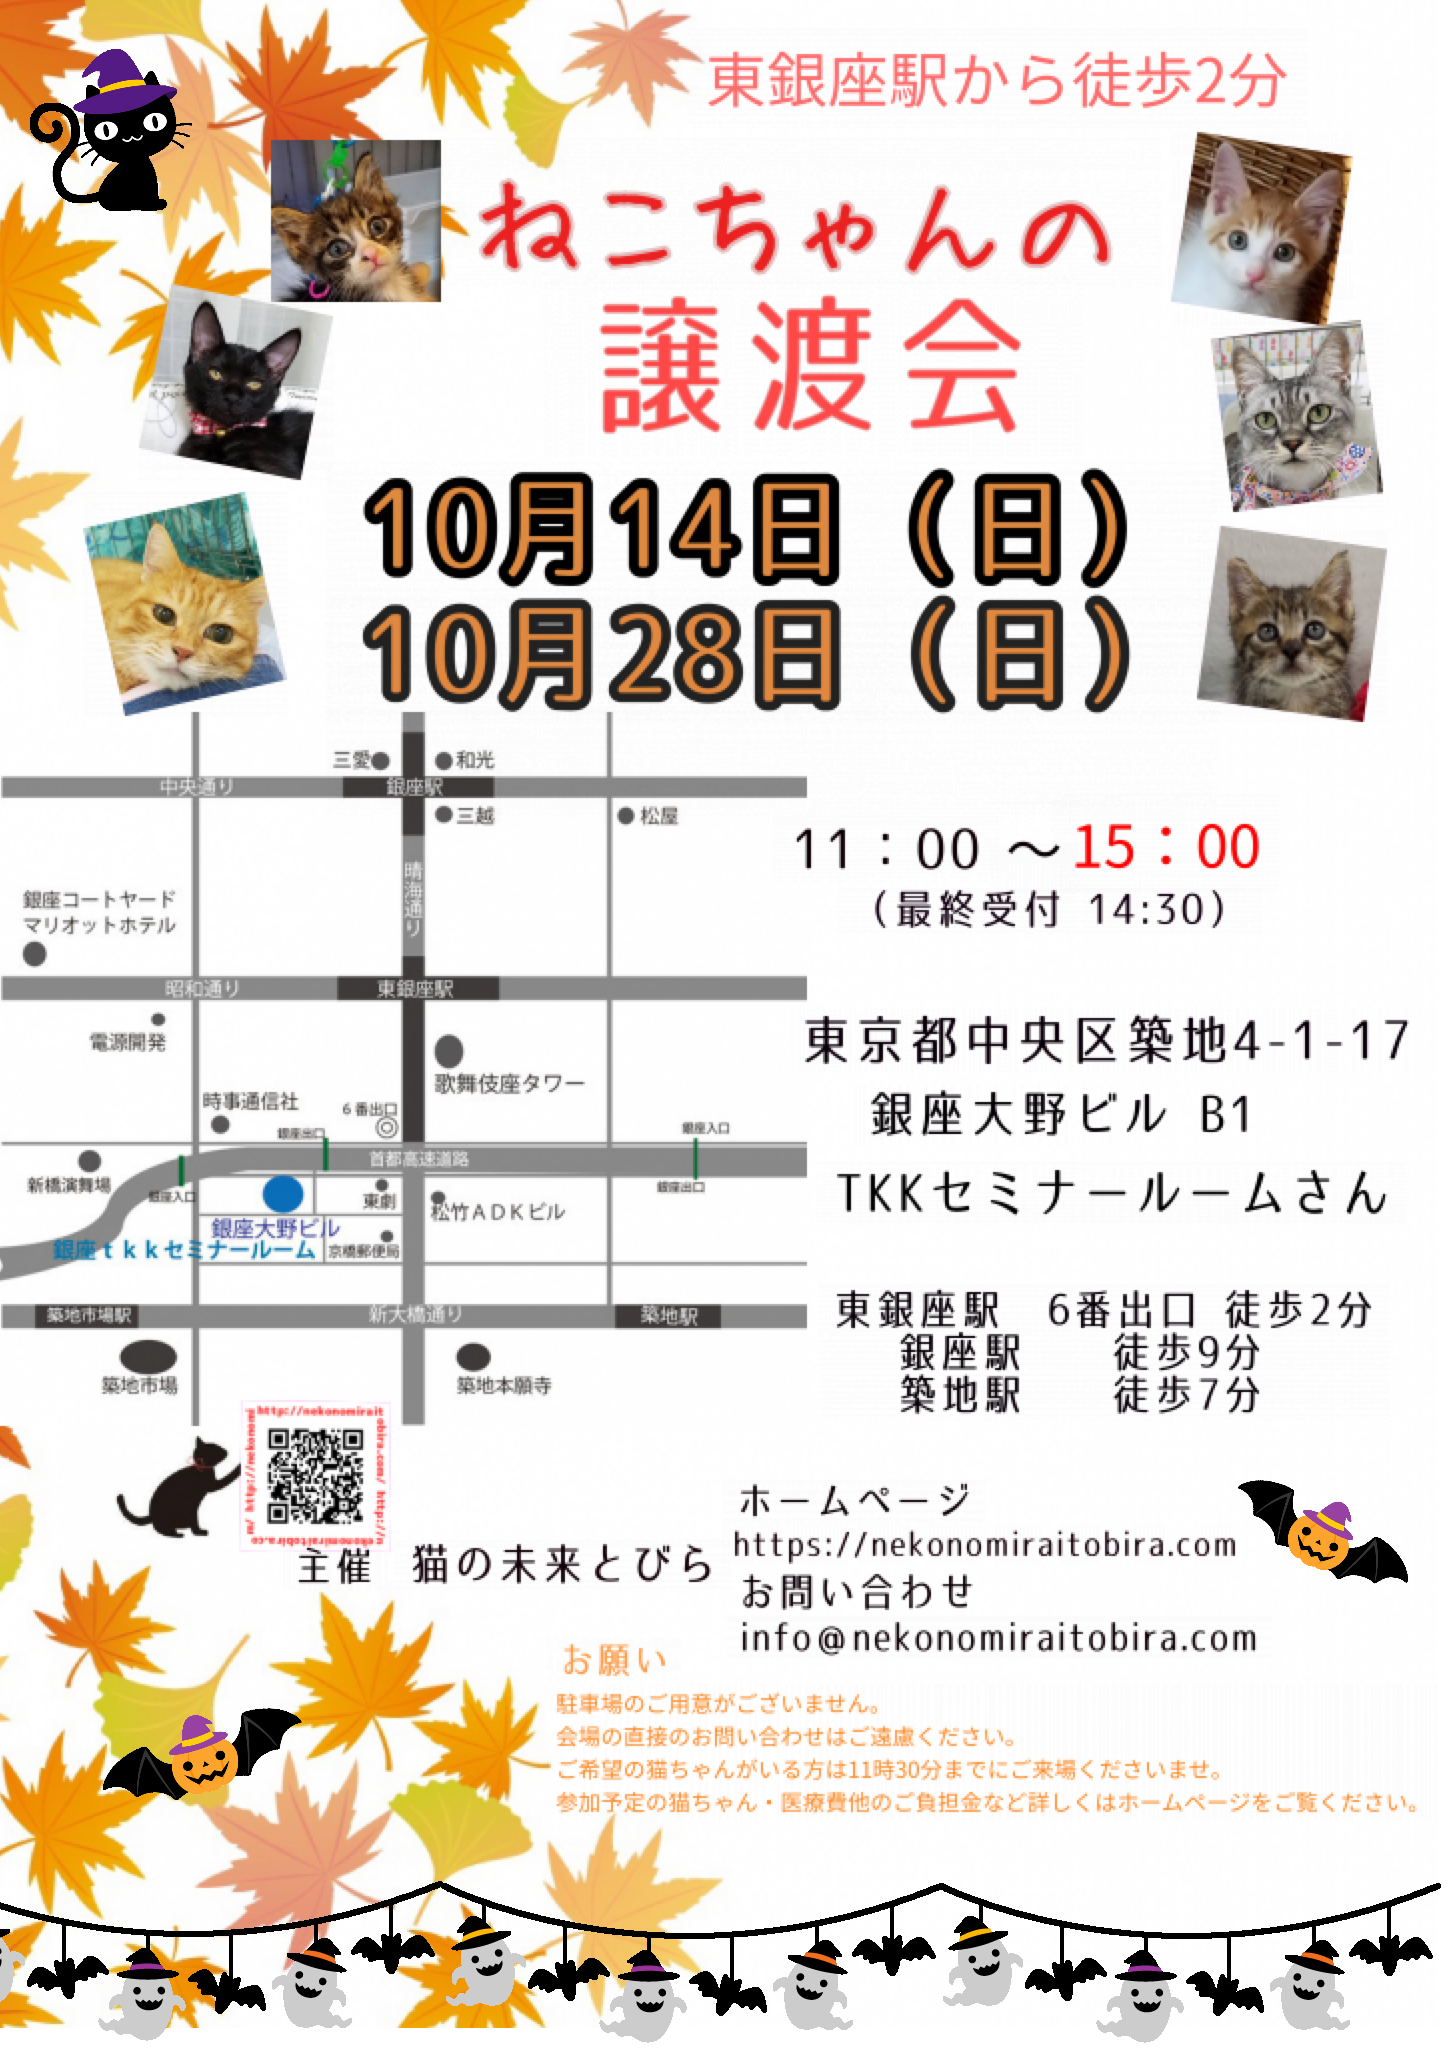 【 第20回】 <br>東京東銀座にて ねこの譲渡会開催